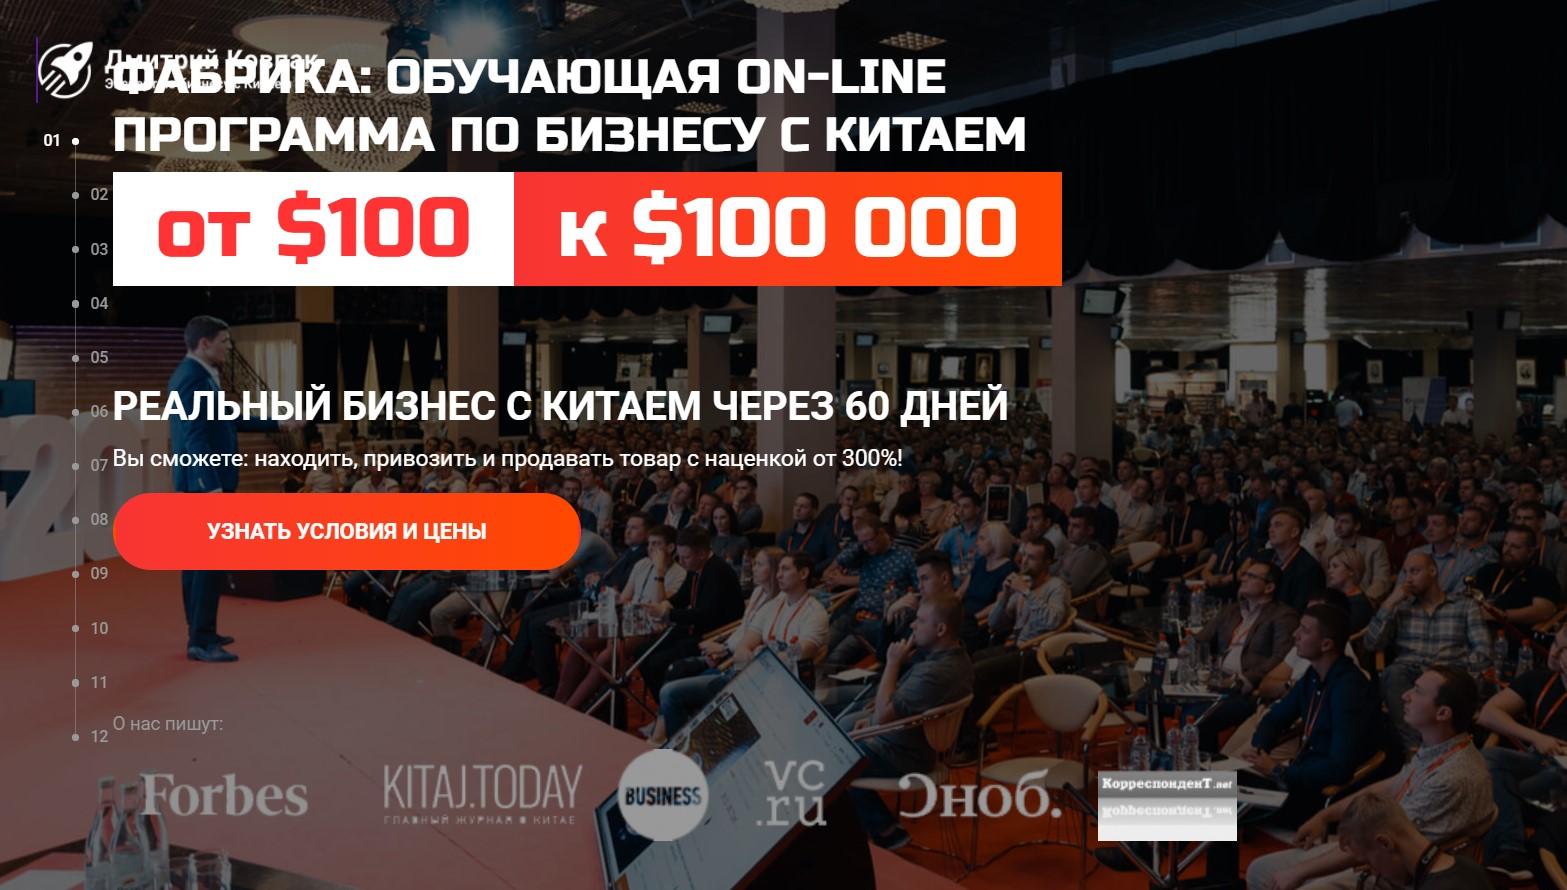 Дмитрий Ковпак кто это